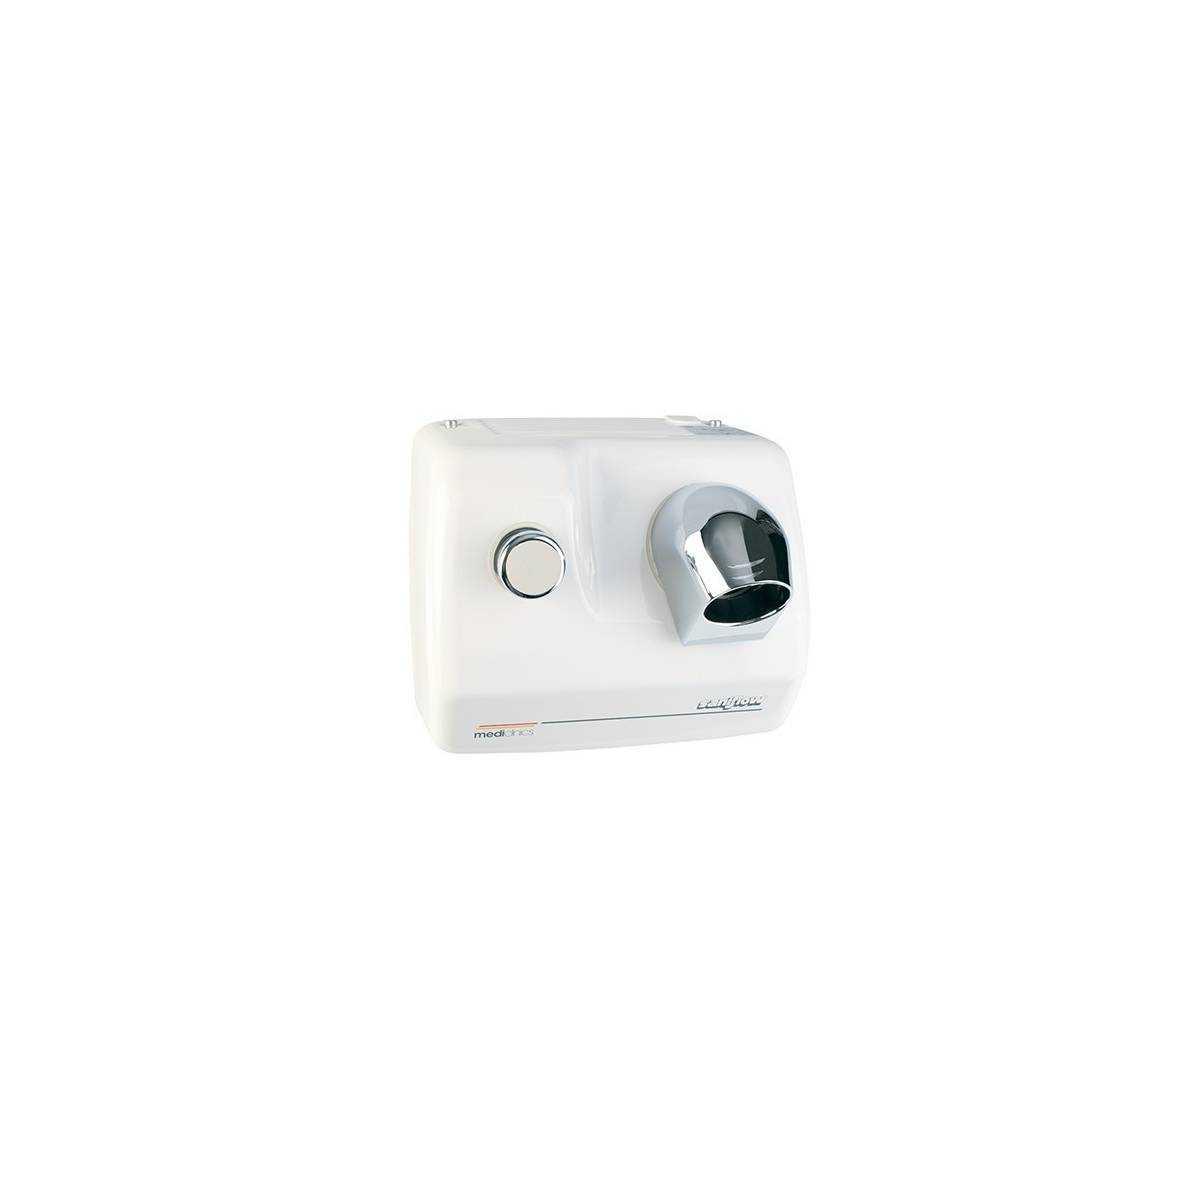 Настенный фен для волос SANYFLOW SC0088H Mediclinics